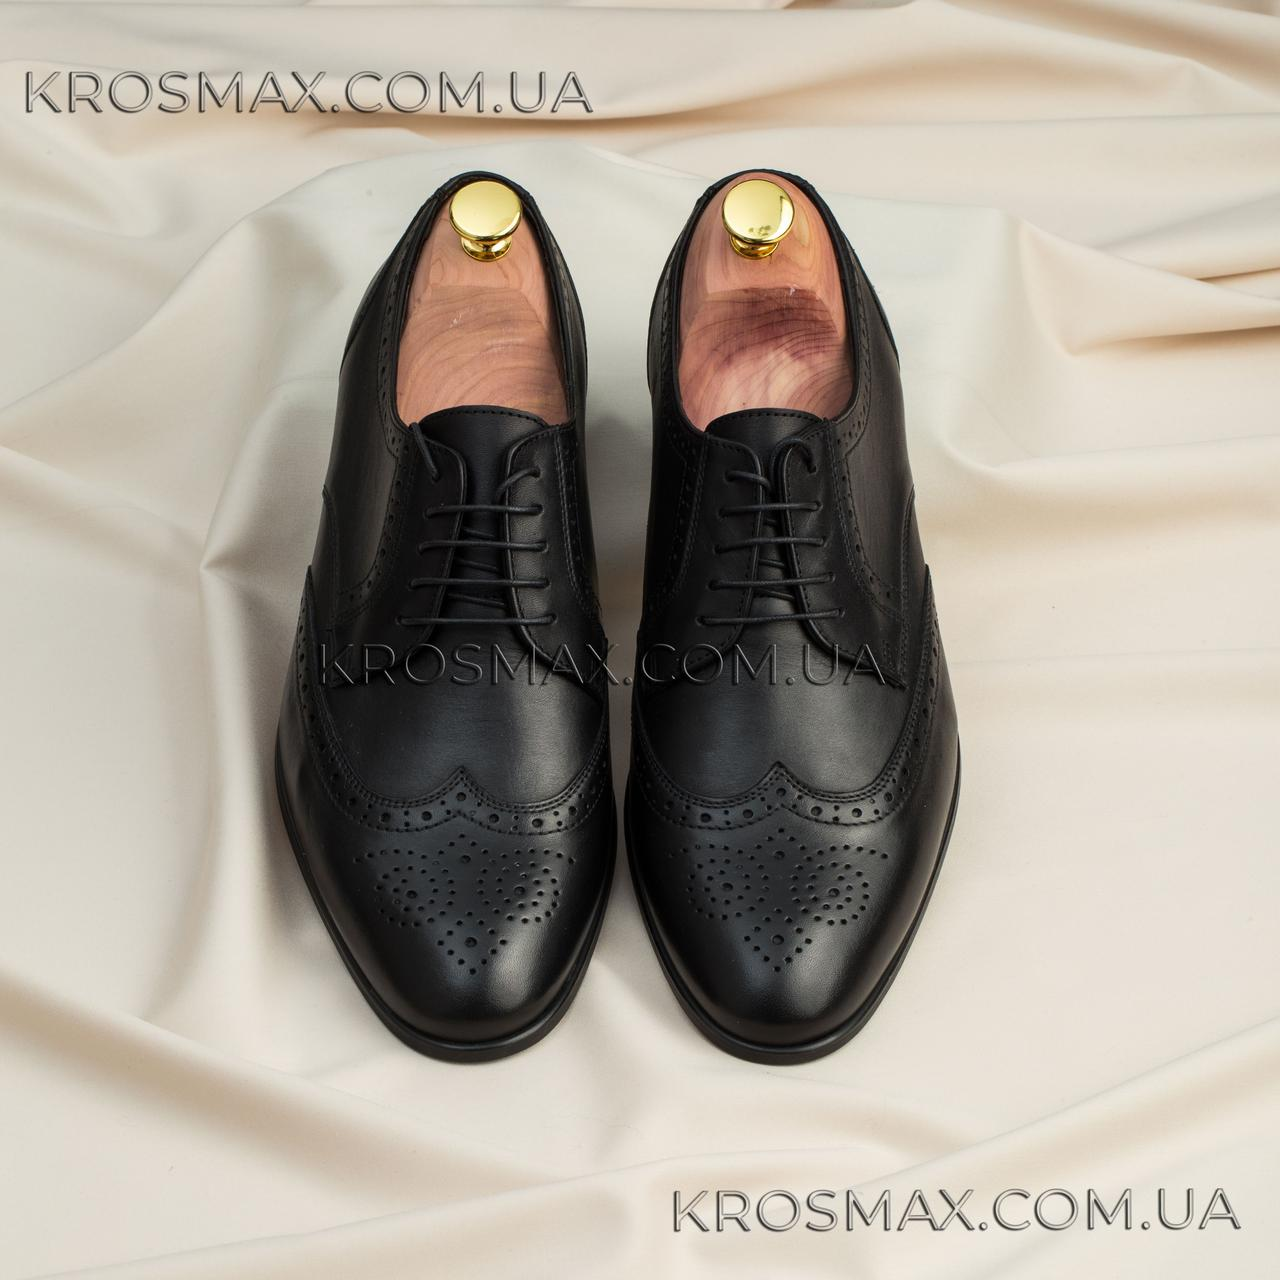 Мужские кожаные туфли ikos (броги/оксфорды)